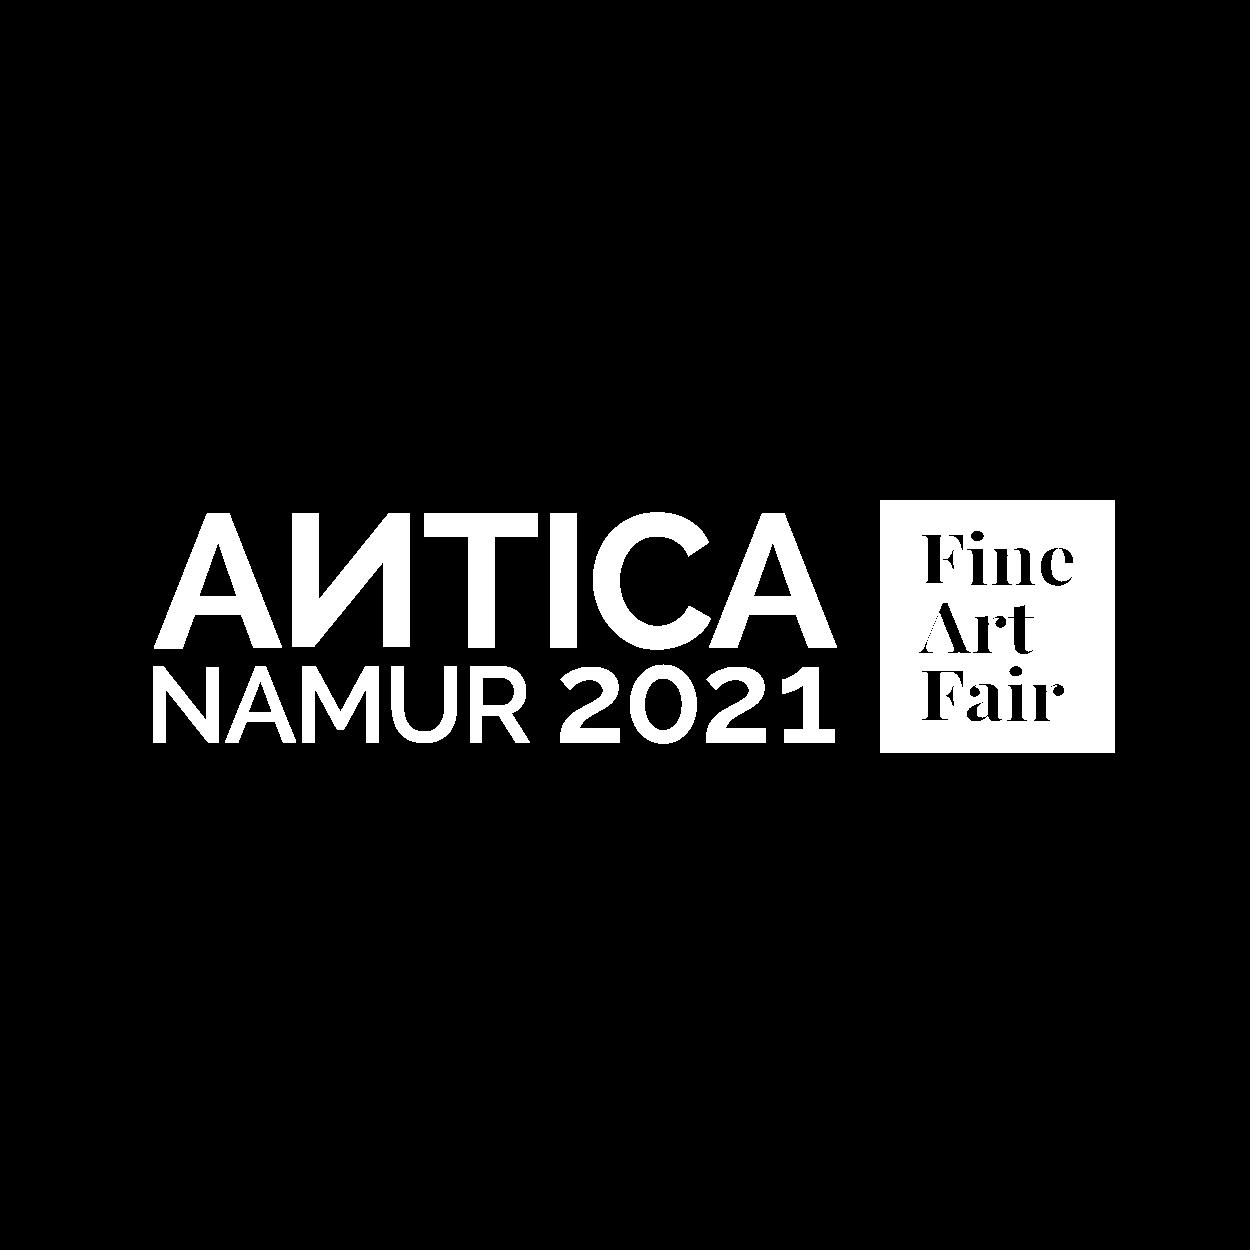 ANTICA Namur